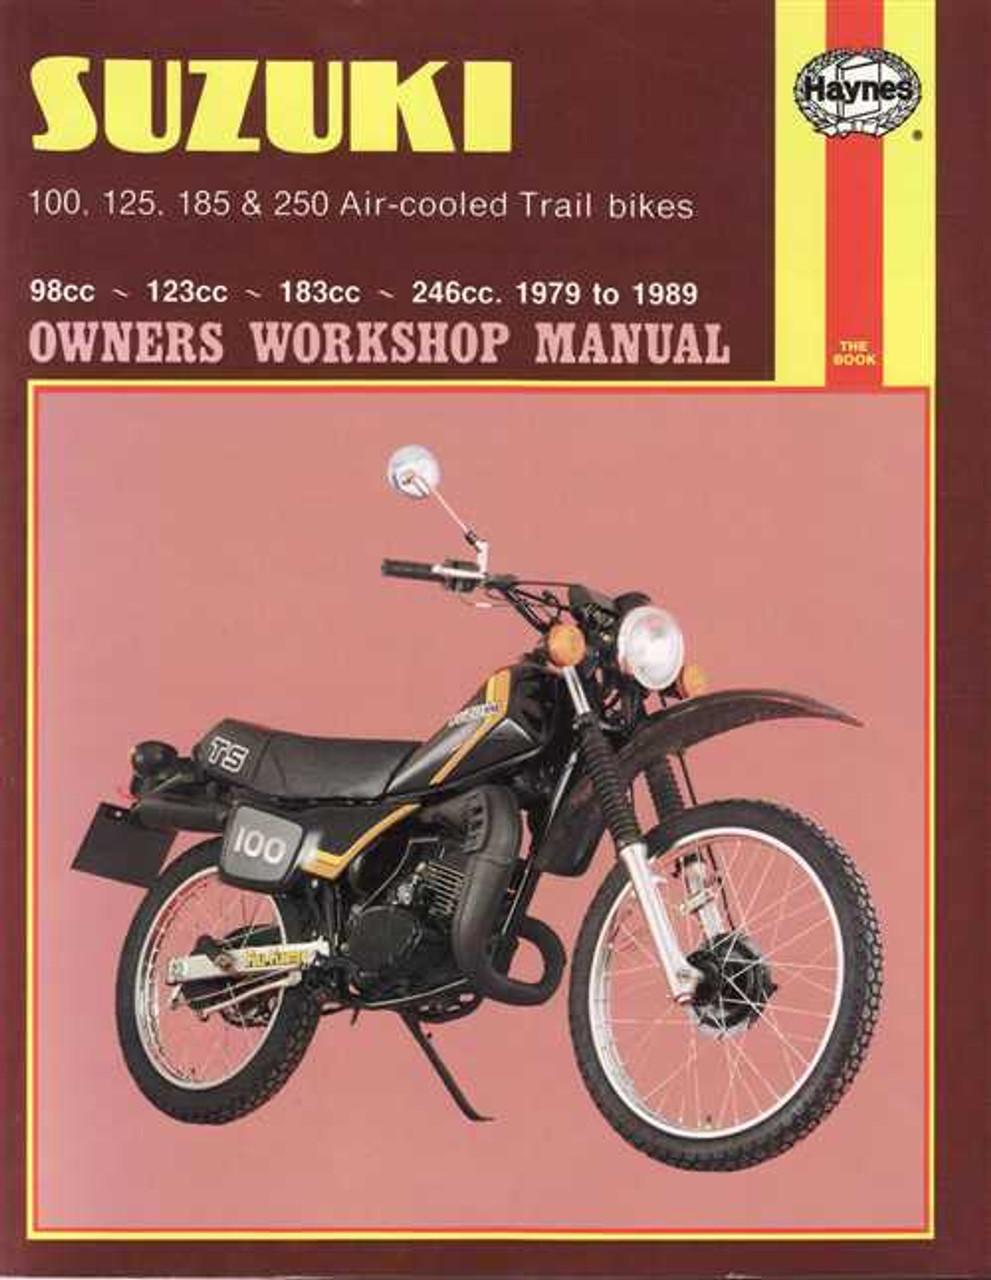 suzuki ts100 ts125 ts185 ts250 air cooled trail bikes 1979 1989 rh automotobookshop com au 1973 Suzuki 125 Enduro 1972 Suzuki Classic TS 185 Enduro